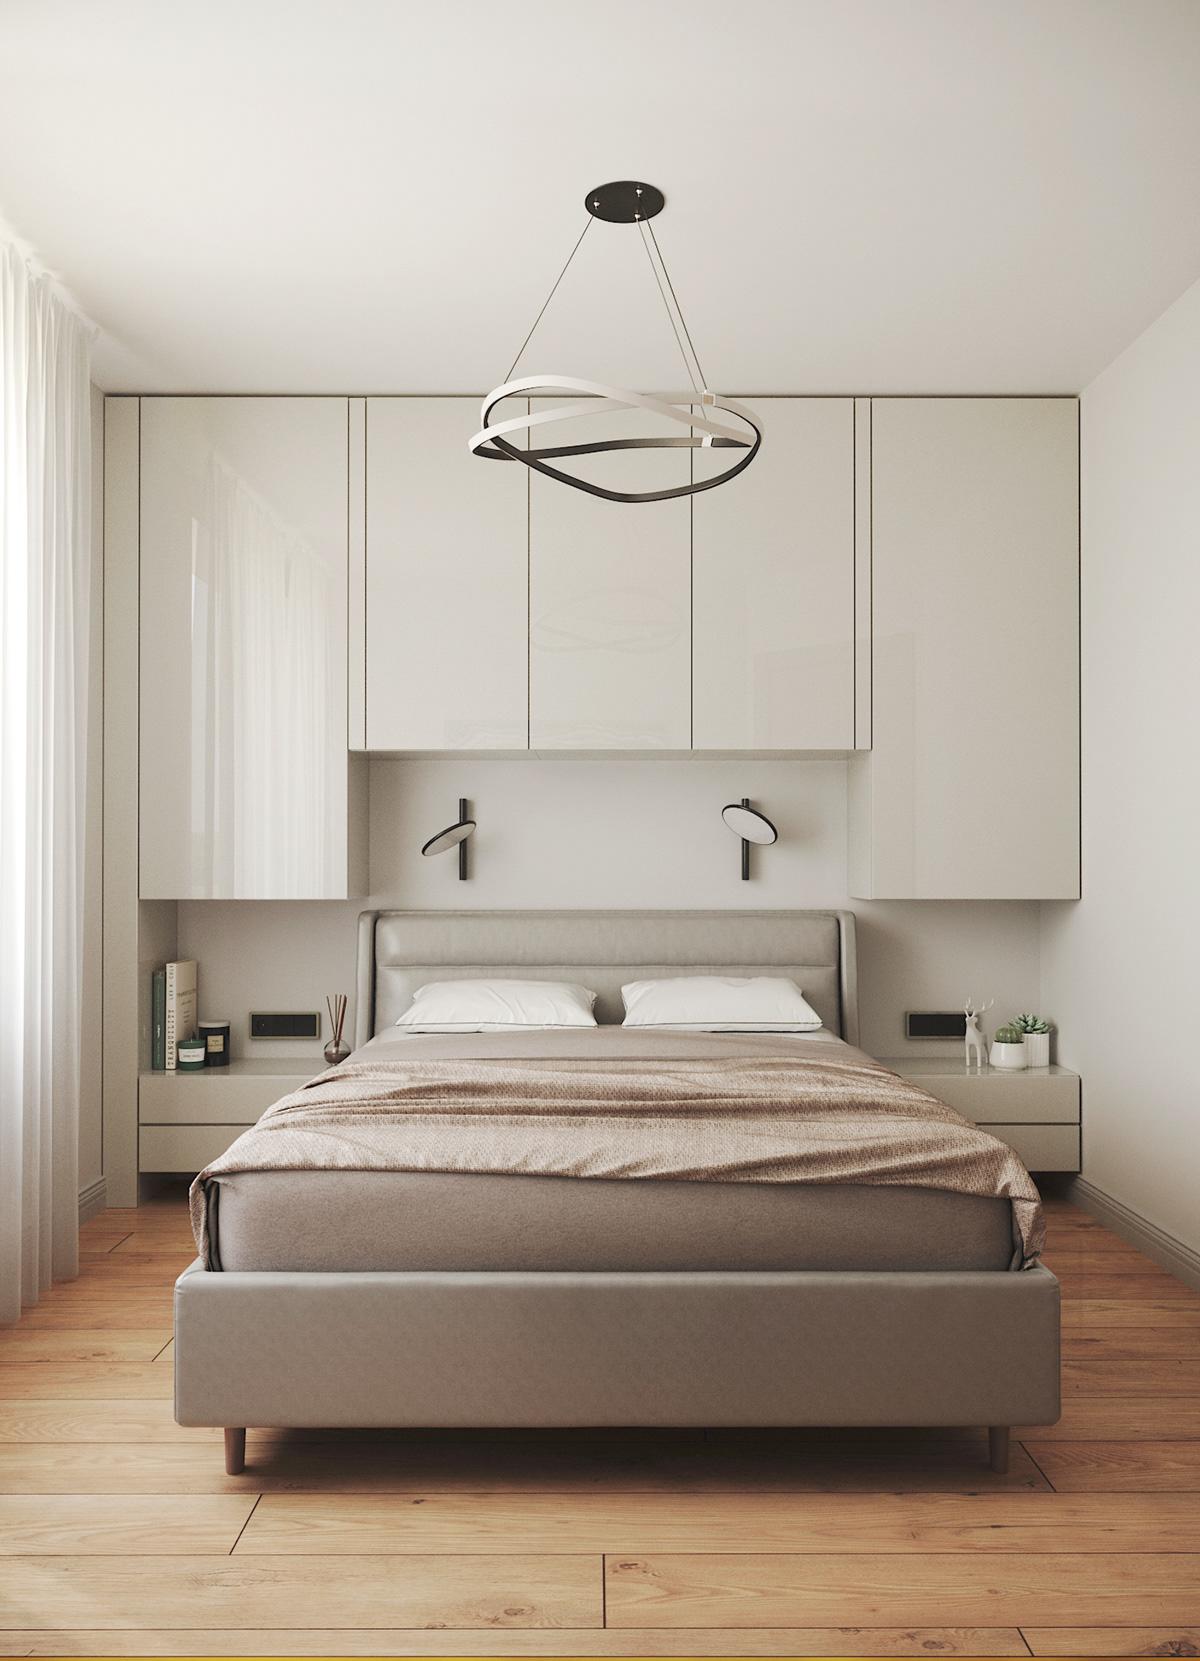 Визуализация спальни в современной стилистике.